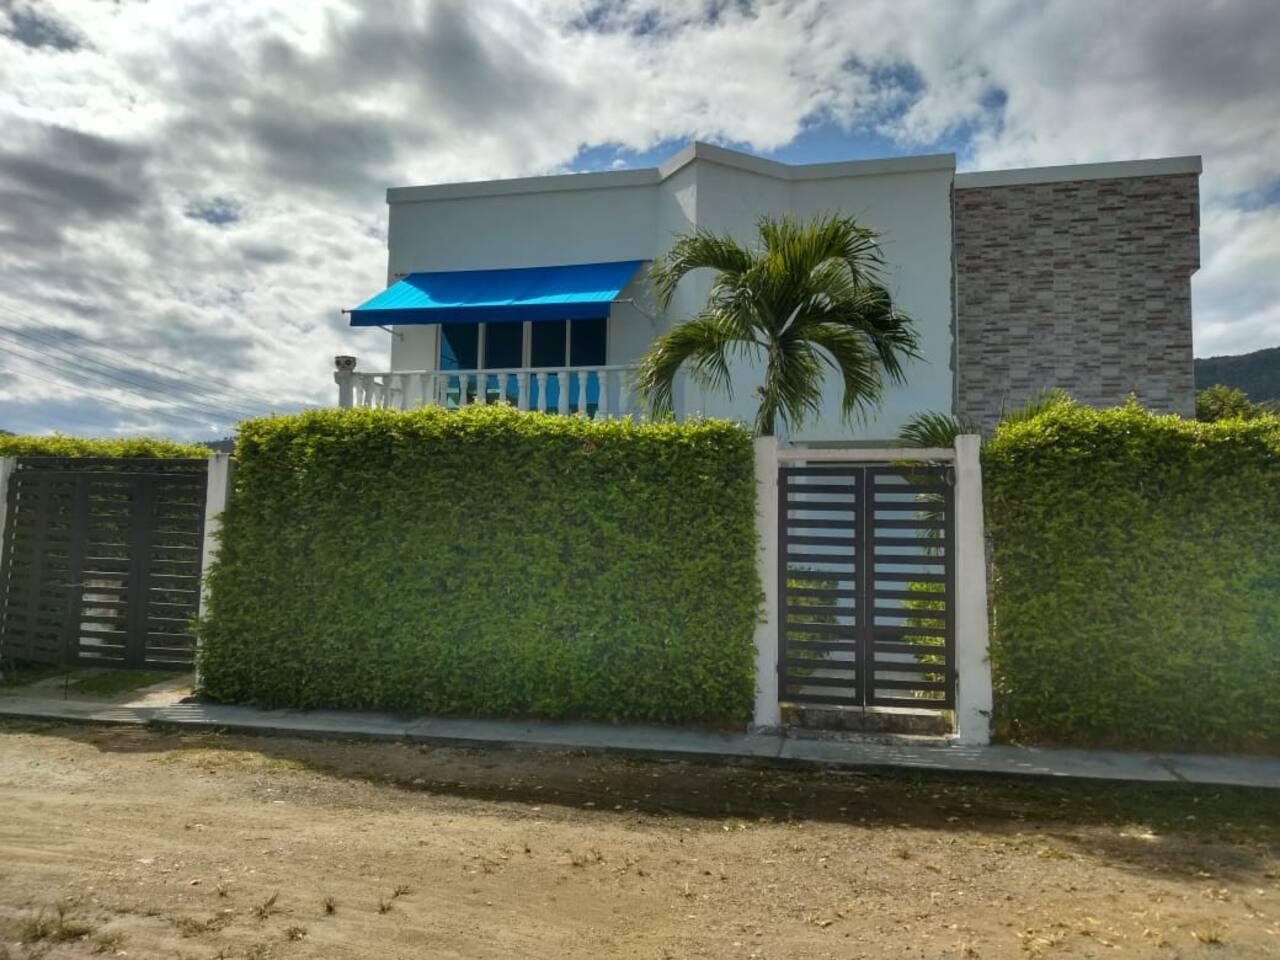 La casa es totalmente independiente y privada para que disfrutes de todas sus instalaciones sin ninguna incomodidad